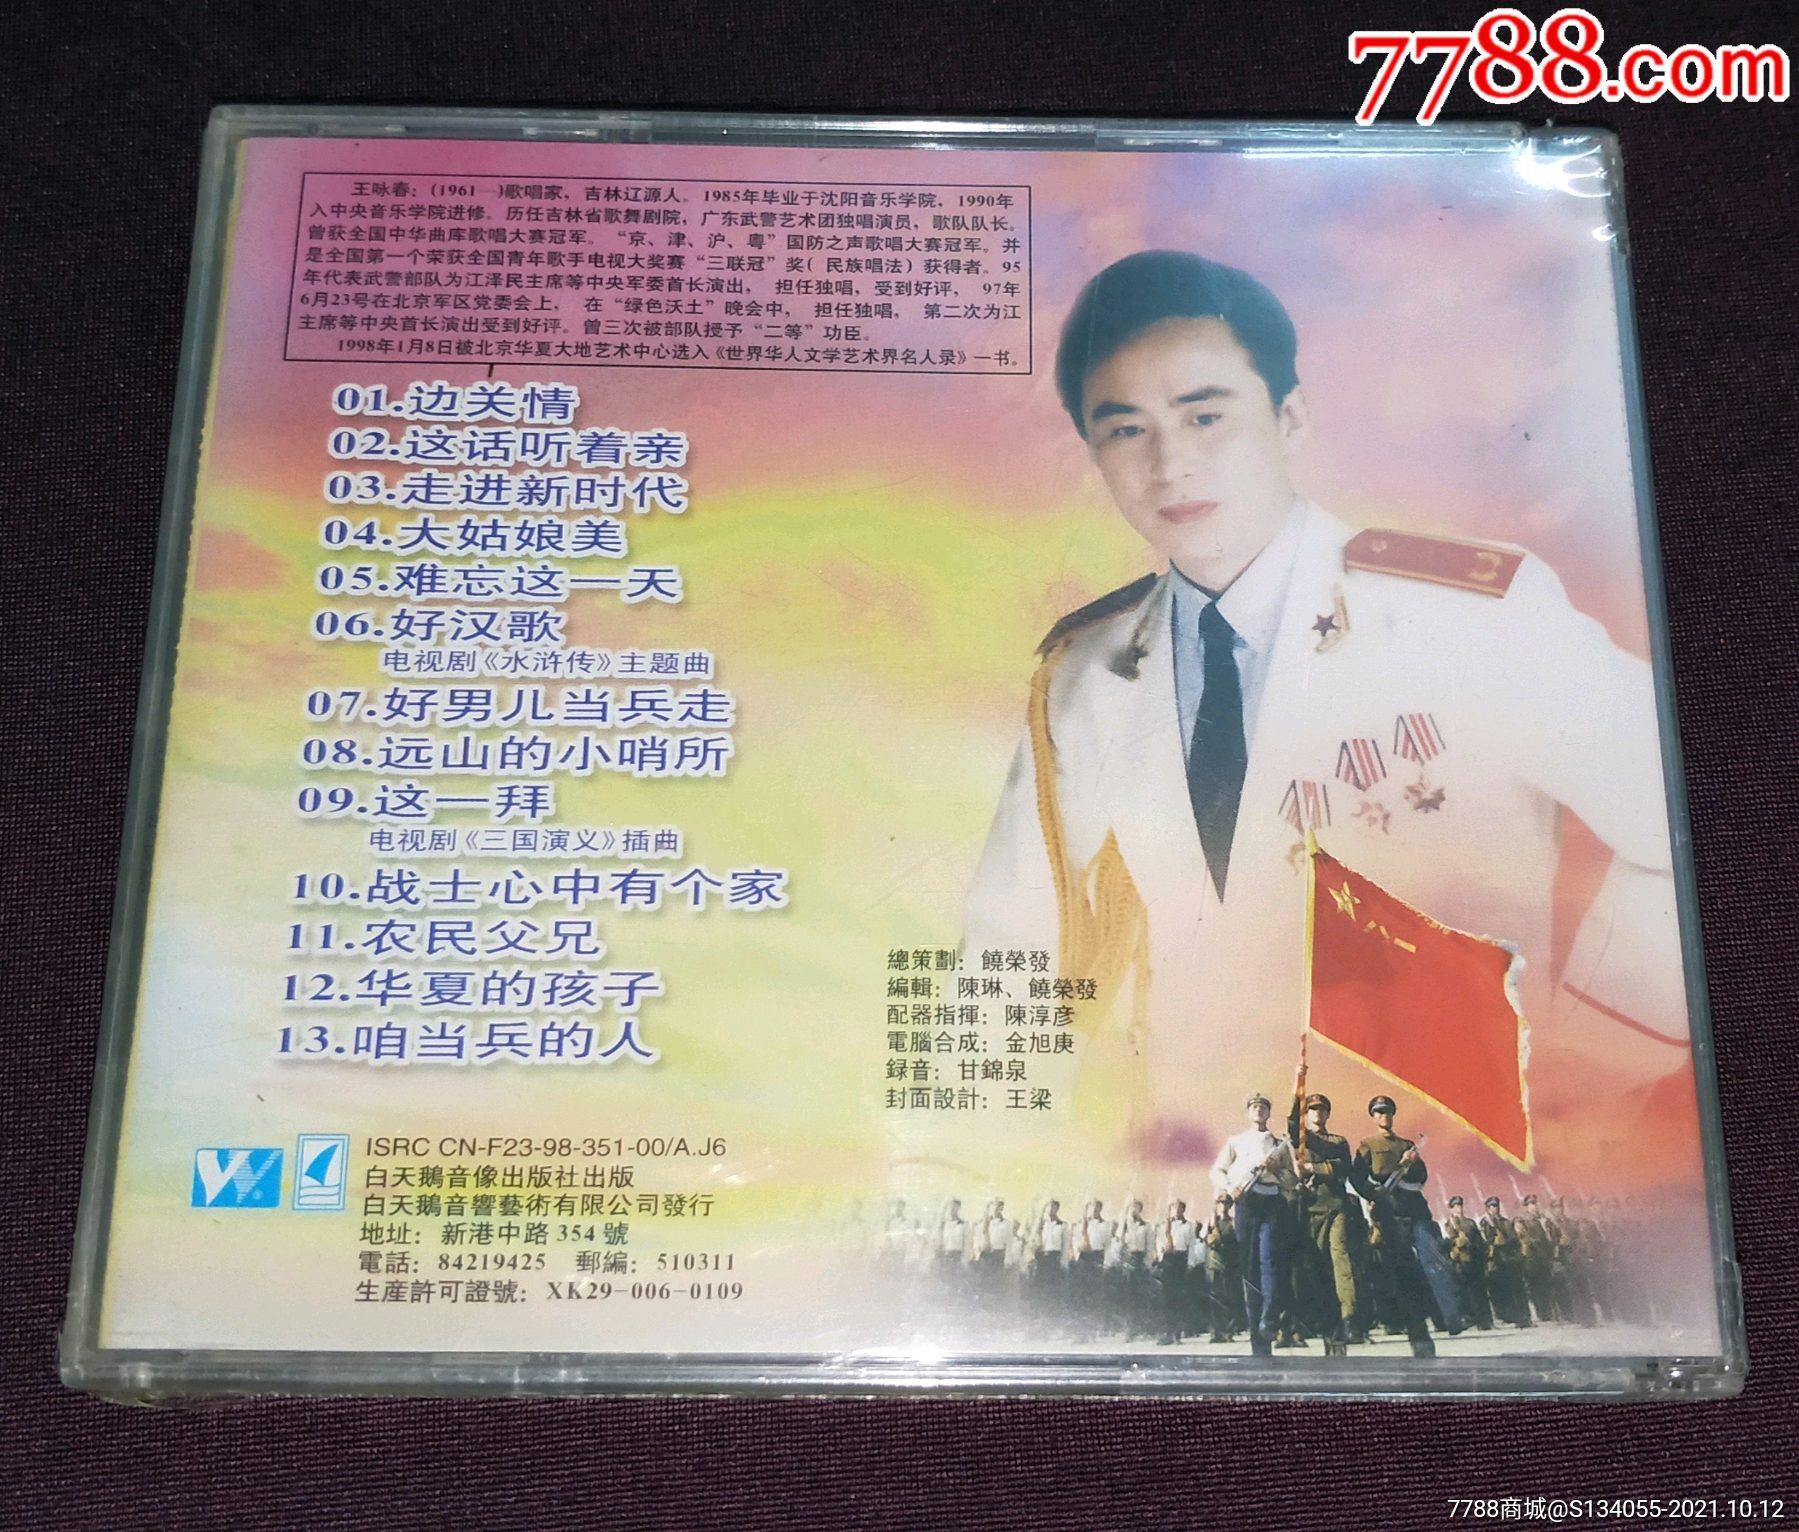 (全新未拆封)王咏春《难忘这一天》白天鹅音像CD_价格70元_第2张_